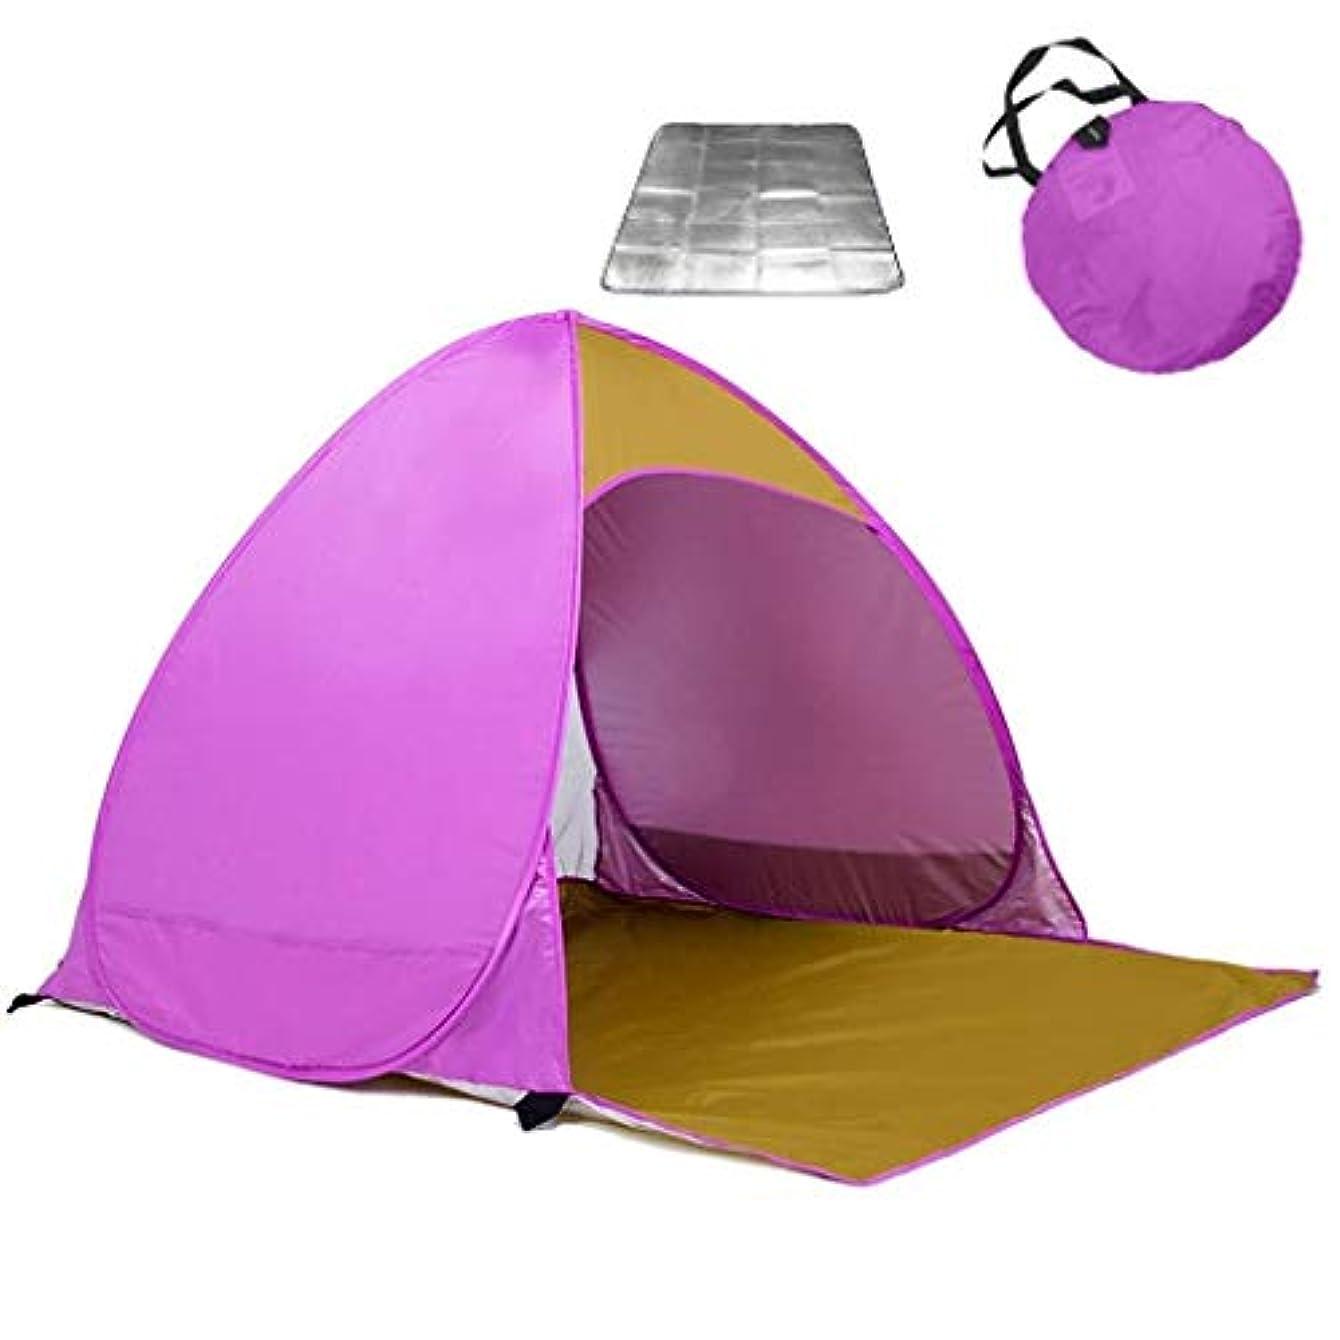 致死説明する突き刺す2人用ビーチテント、屋外の日除け、日焼け止め日焼け止めUVプロテクション50+防水で安定したポータブル、ビーチに適し、庭、キャンプ、釣り、ピクニック家族の活動 (色 : 紫の)